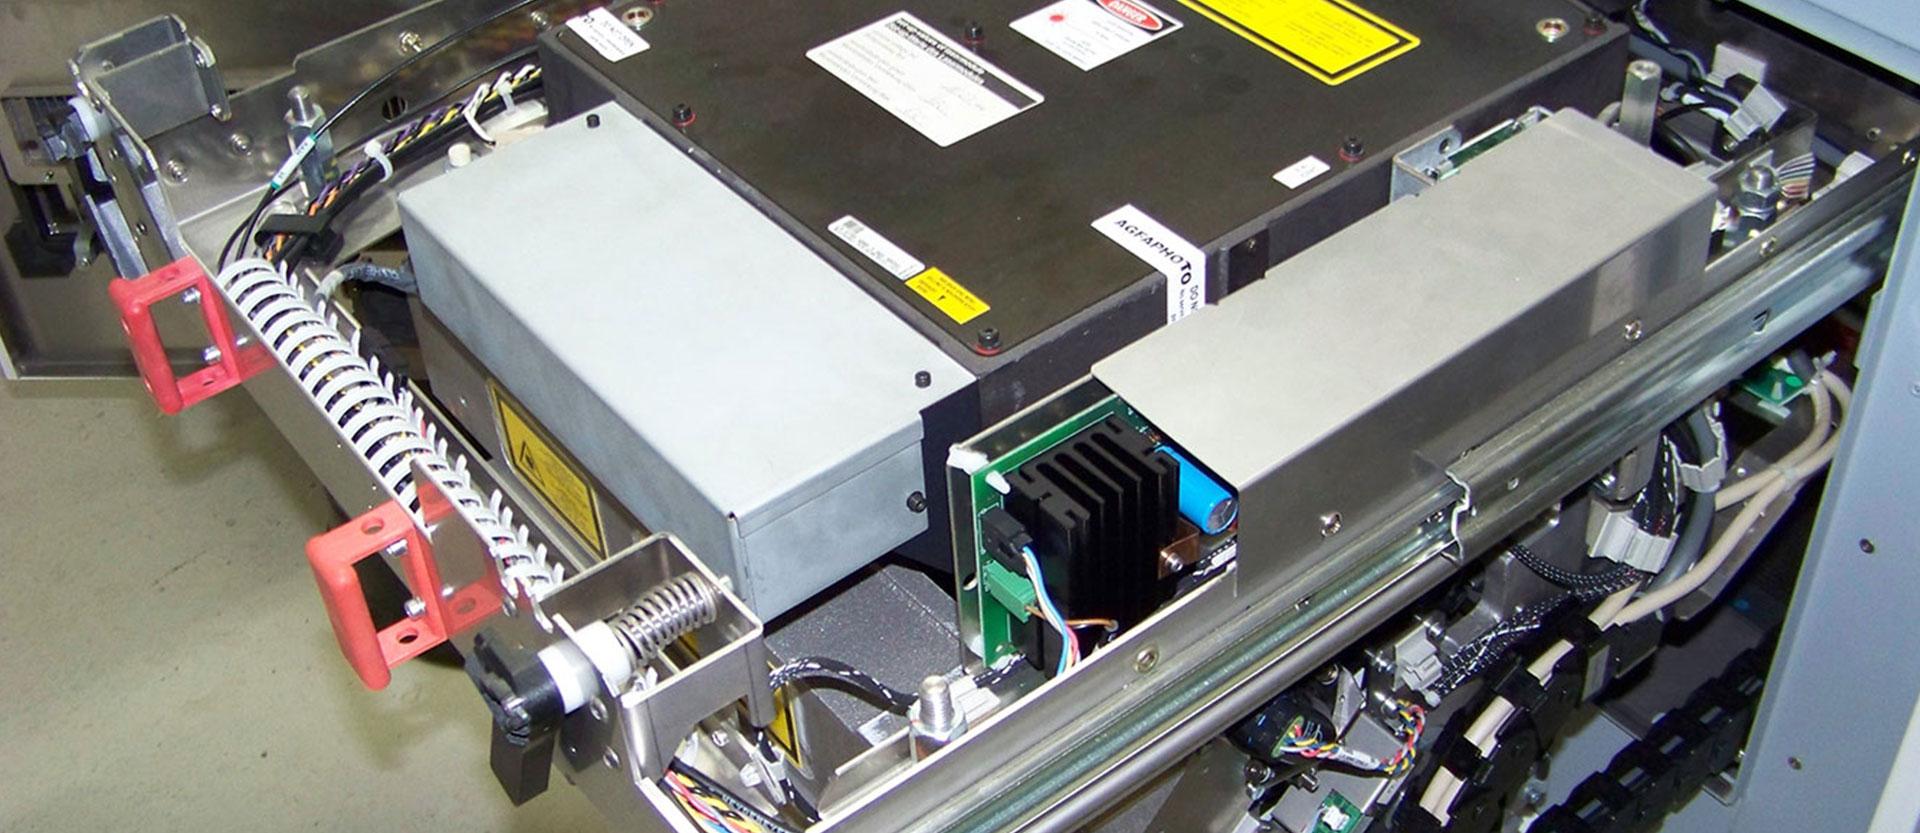 Großformat-Drucker ohne Verkleidung